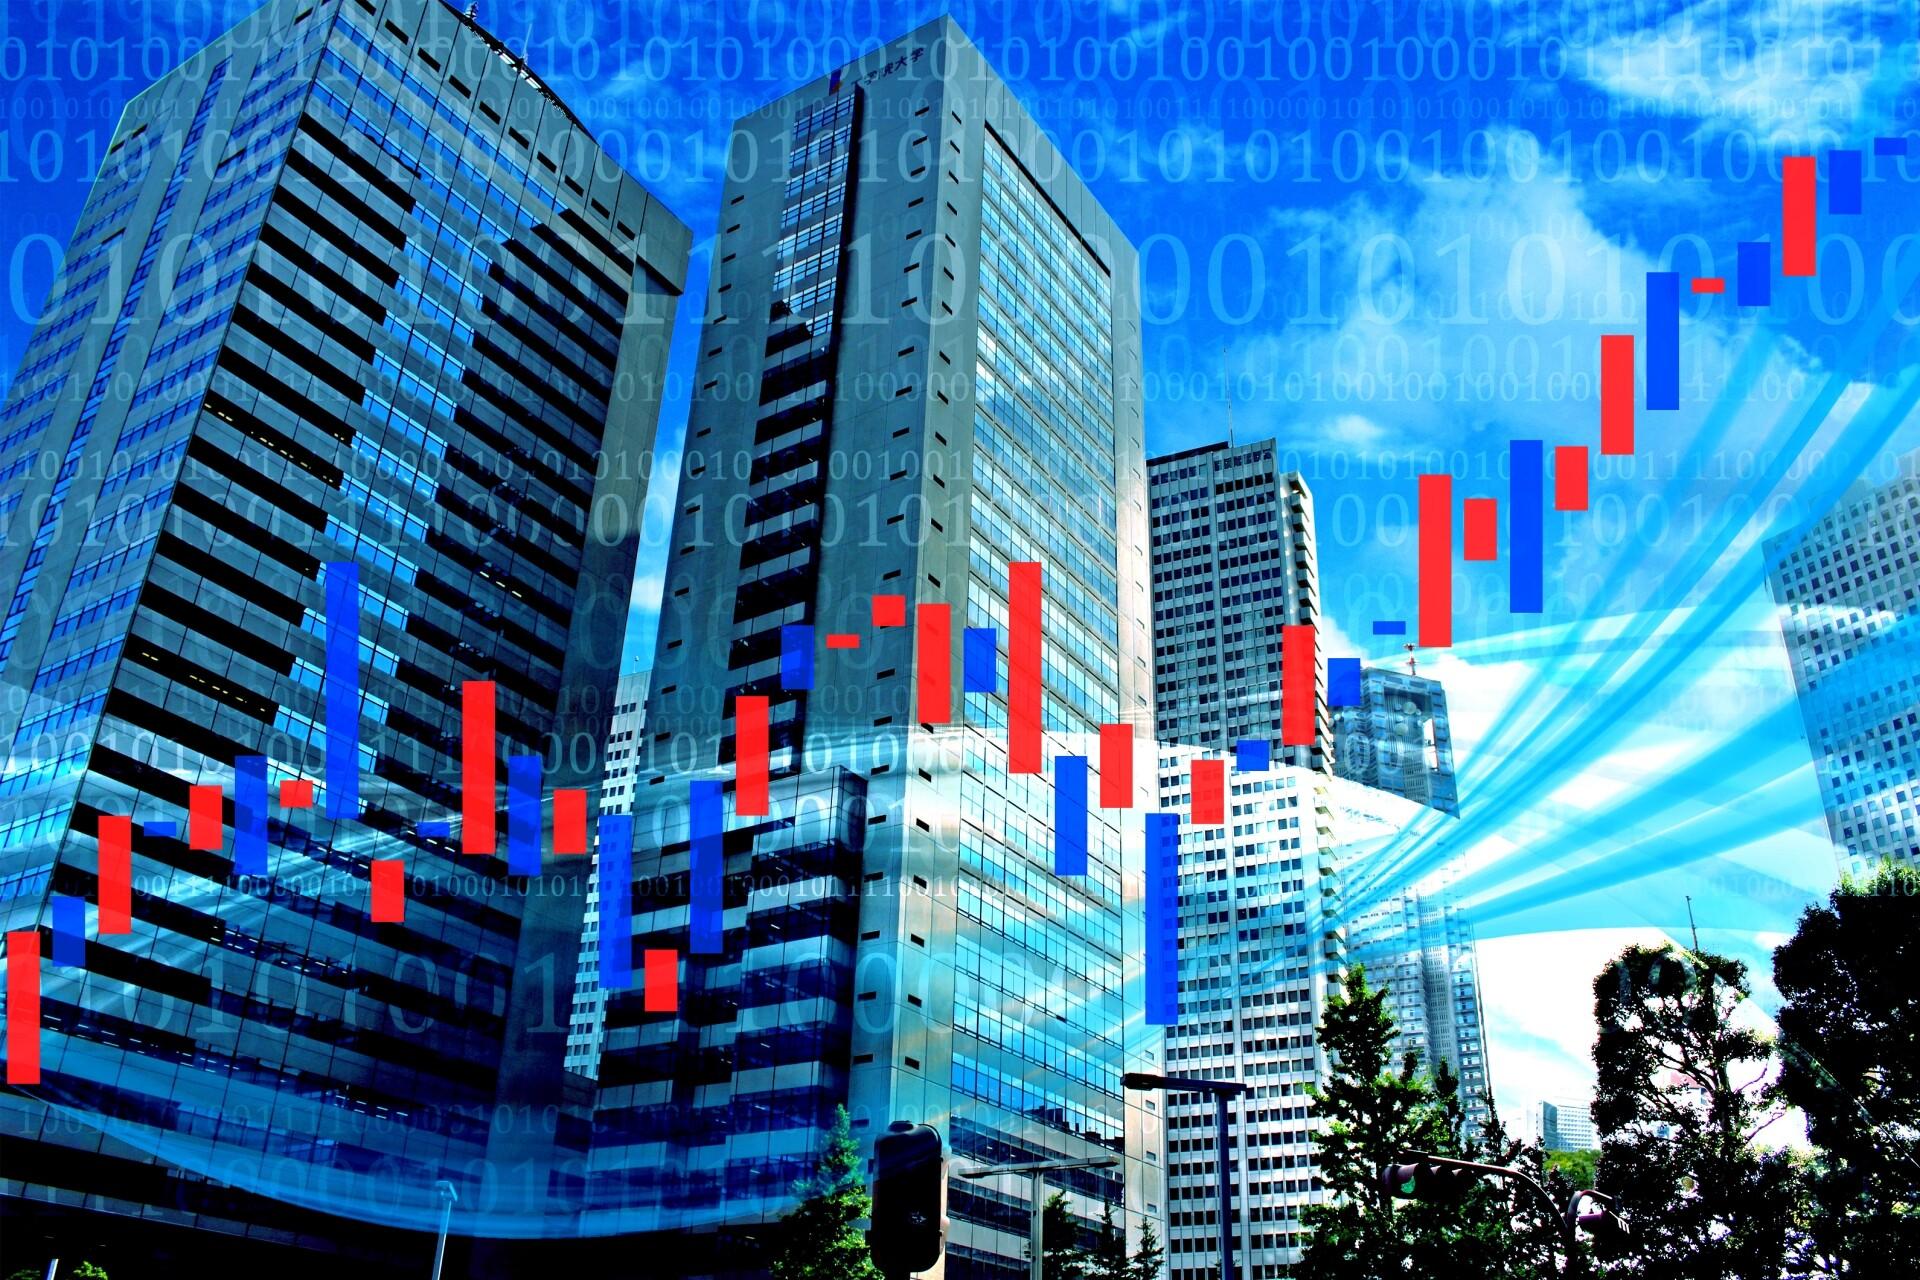 株式投資でのストキャスティクスの有効な使い方まとめ!計算・設定・手法を解説